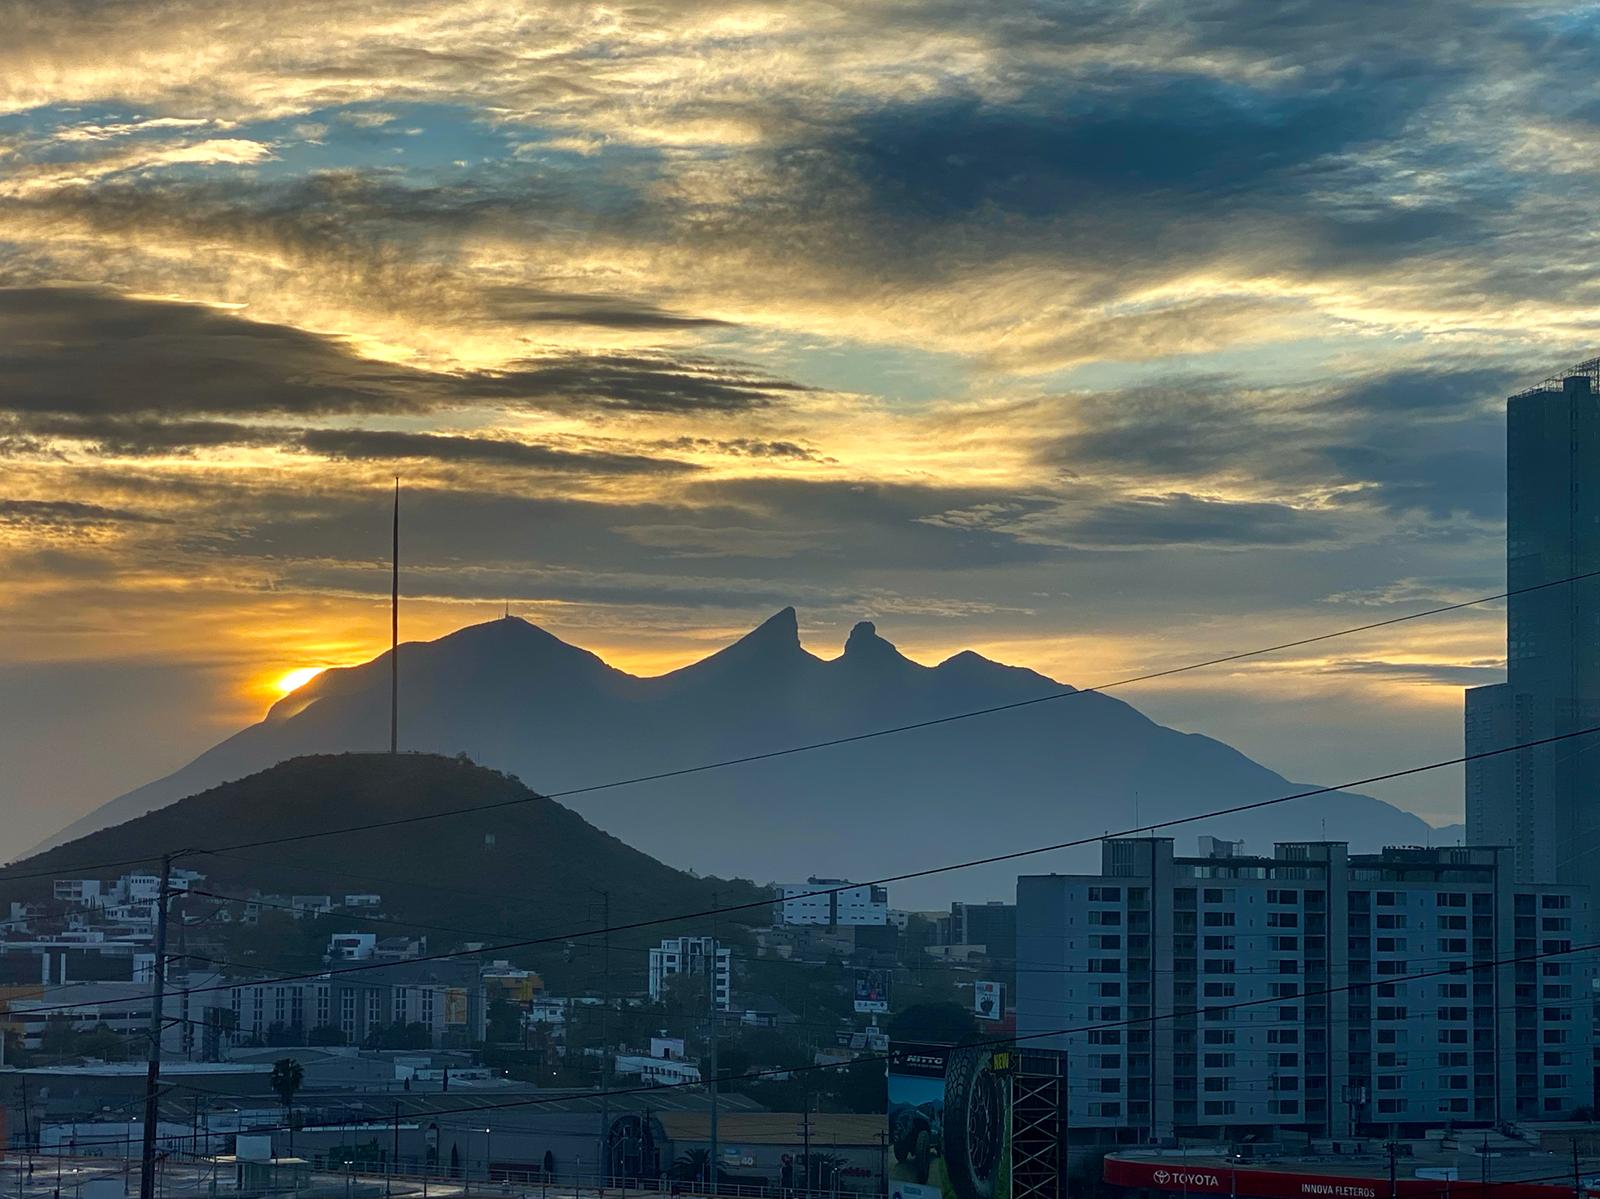 View at sunrise, Cerro de la silla, Monterrey, Nuevo Leon, Mexico. Photograph by Arturo Reyes-Sandoval.